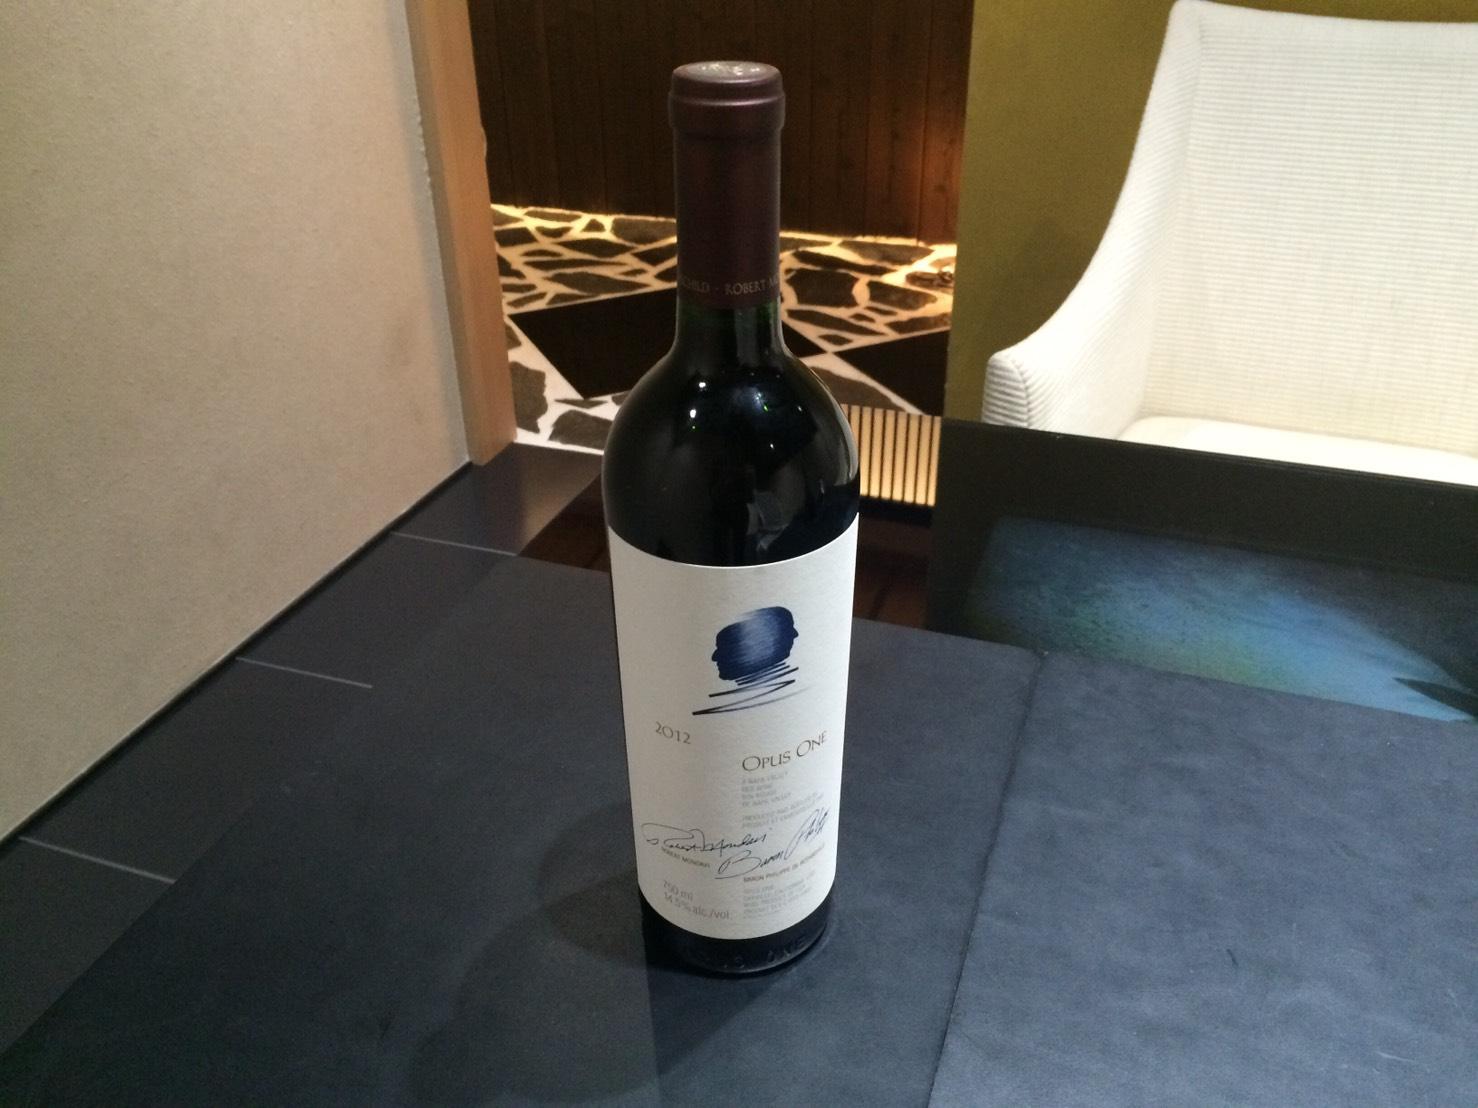 オーパス・ワン 2012 お酒 ワイン 買取 銀座 東京